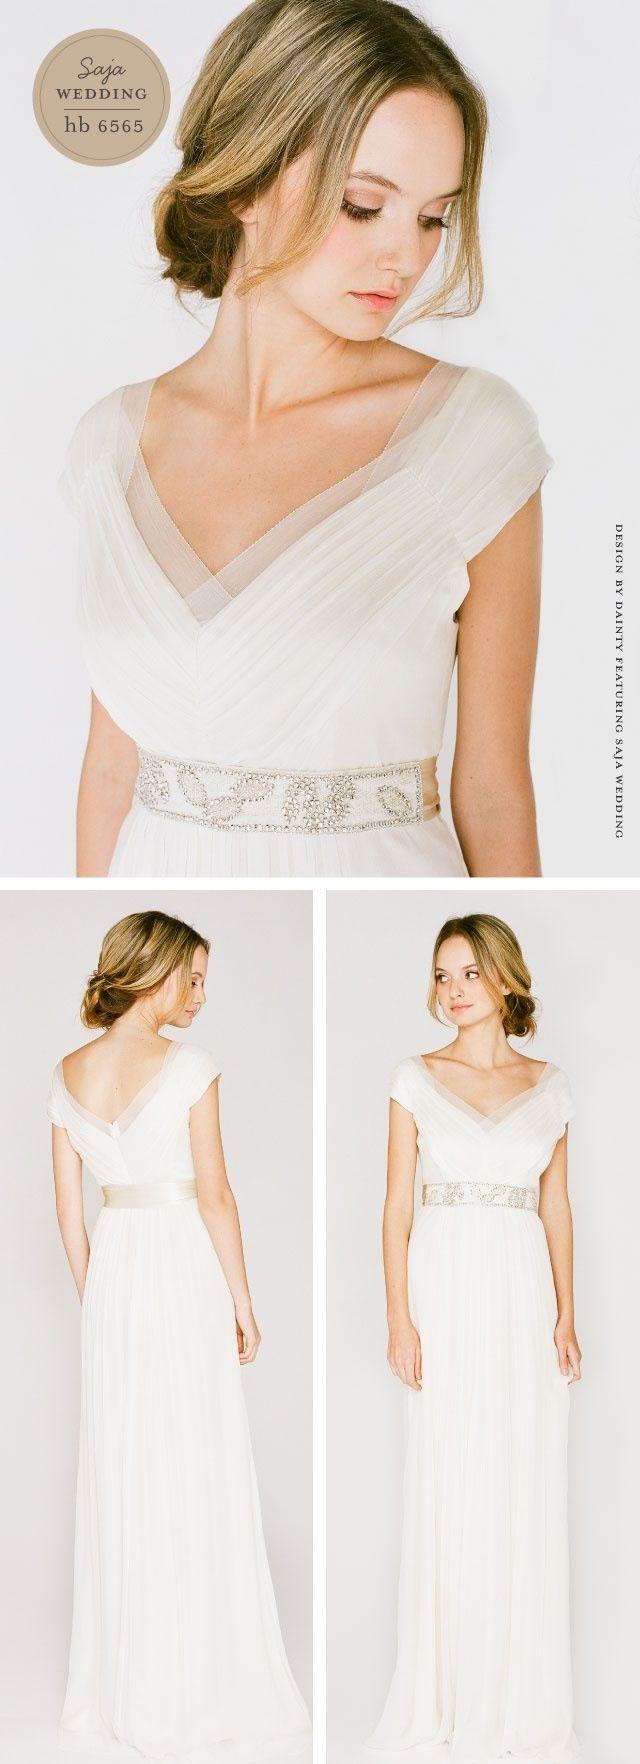 Saja wedding dress via @Once Wed